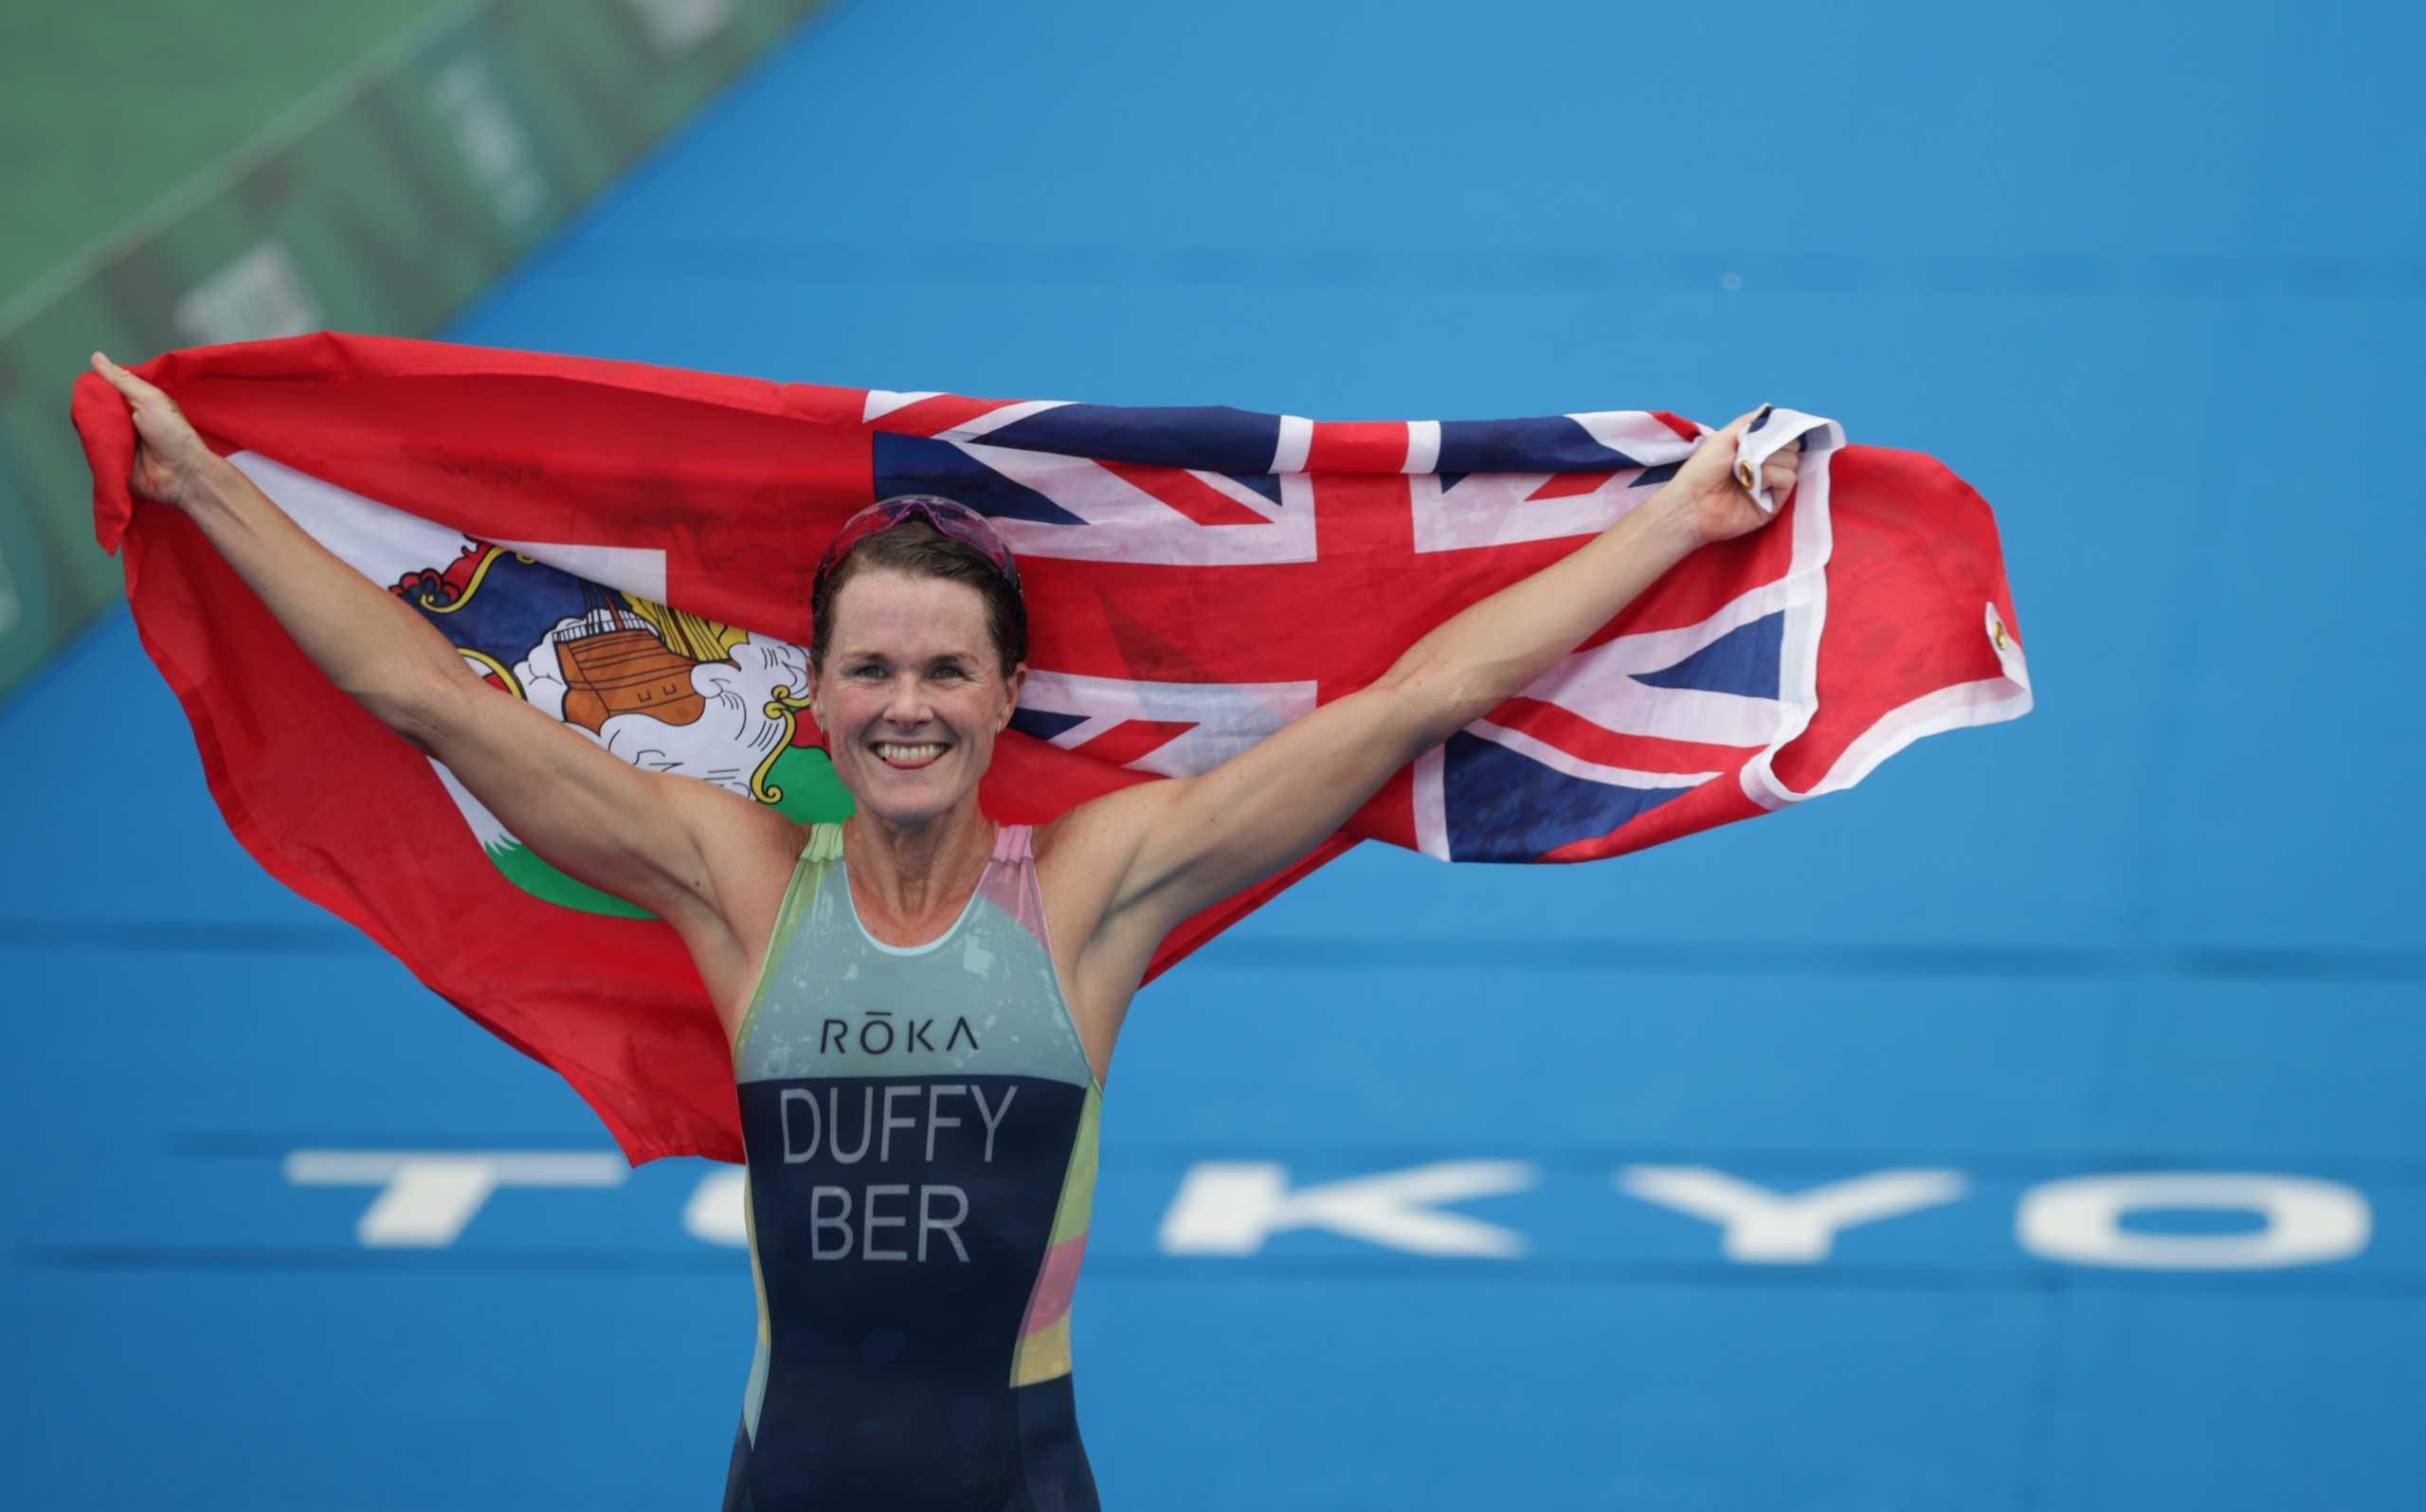 Ολυμπιακοί Αγώνες – τρίαθλο: Ιστορικό χρυσό για τις Βερμούδες με την Ντάφι